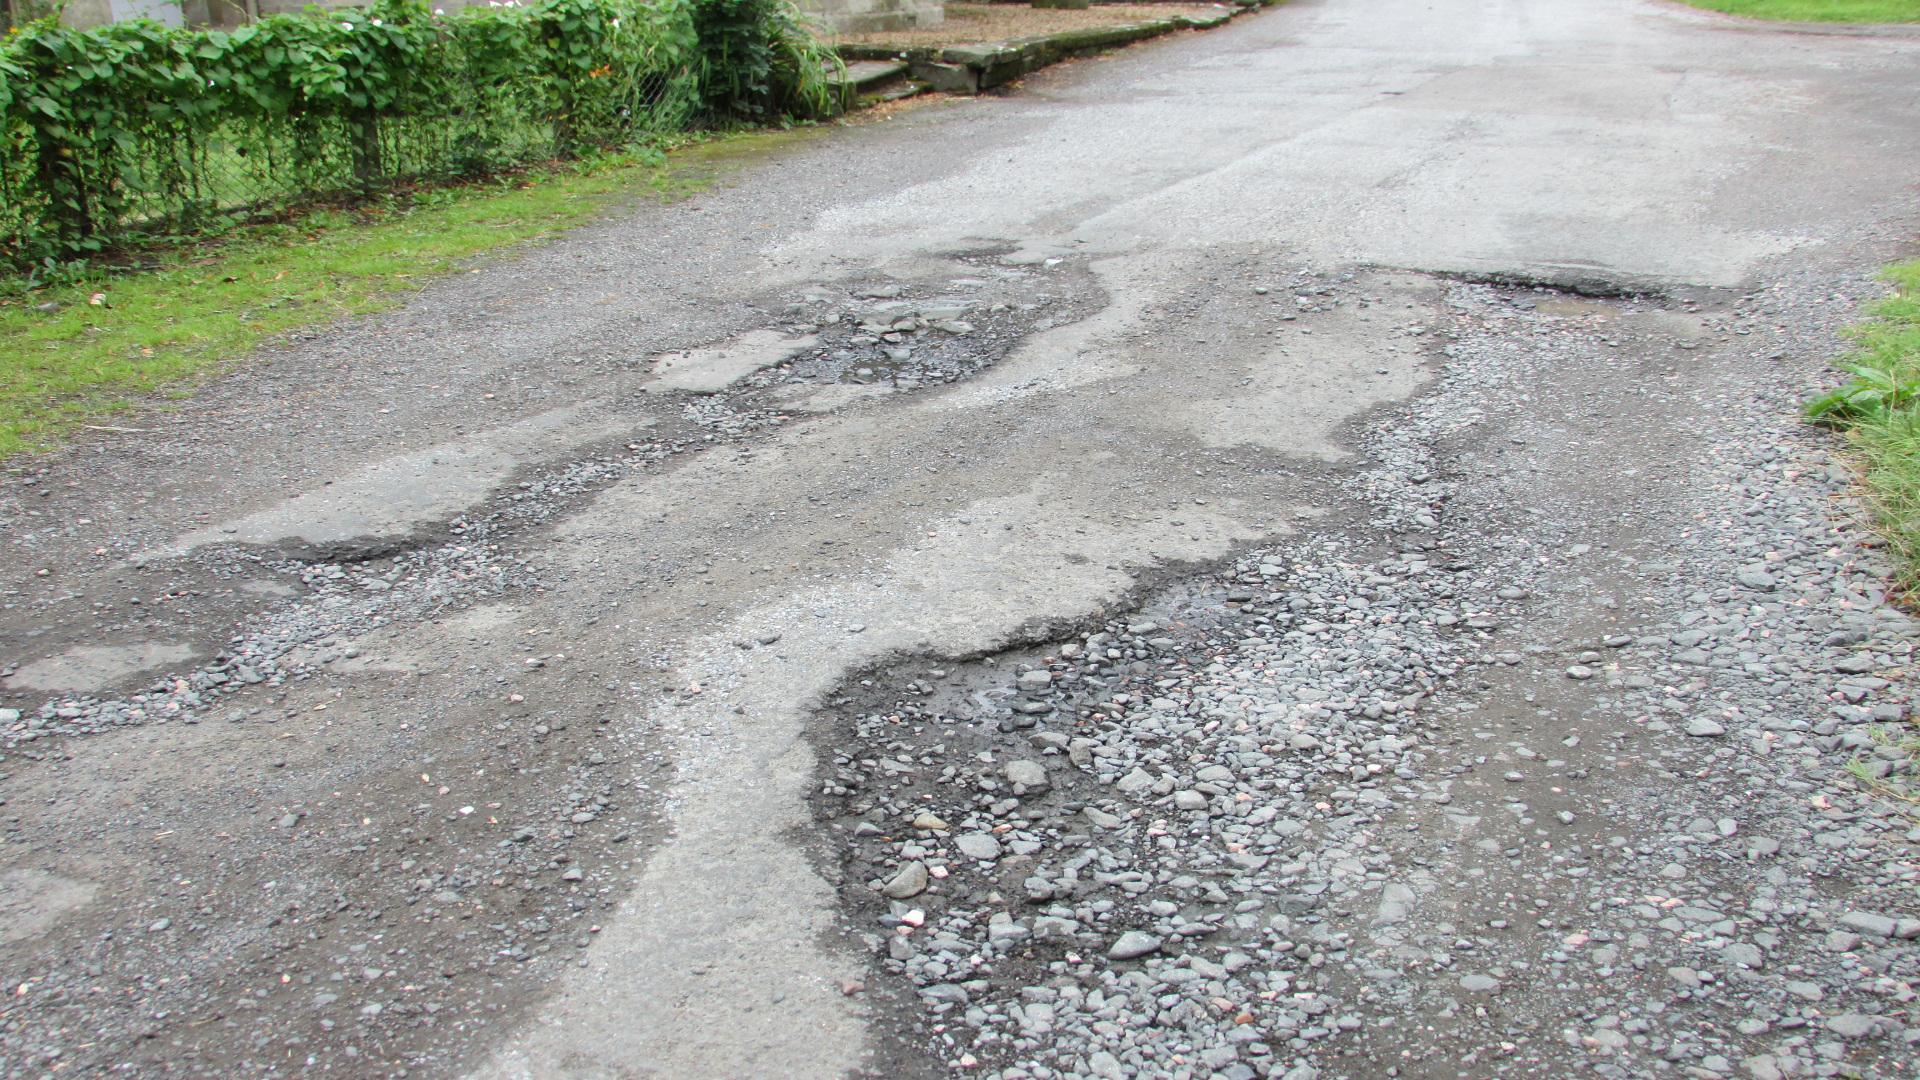 Unos motoristas denuncia el deficiente disenho y nulo mantenimiento de una carretera.1920